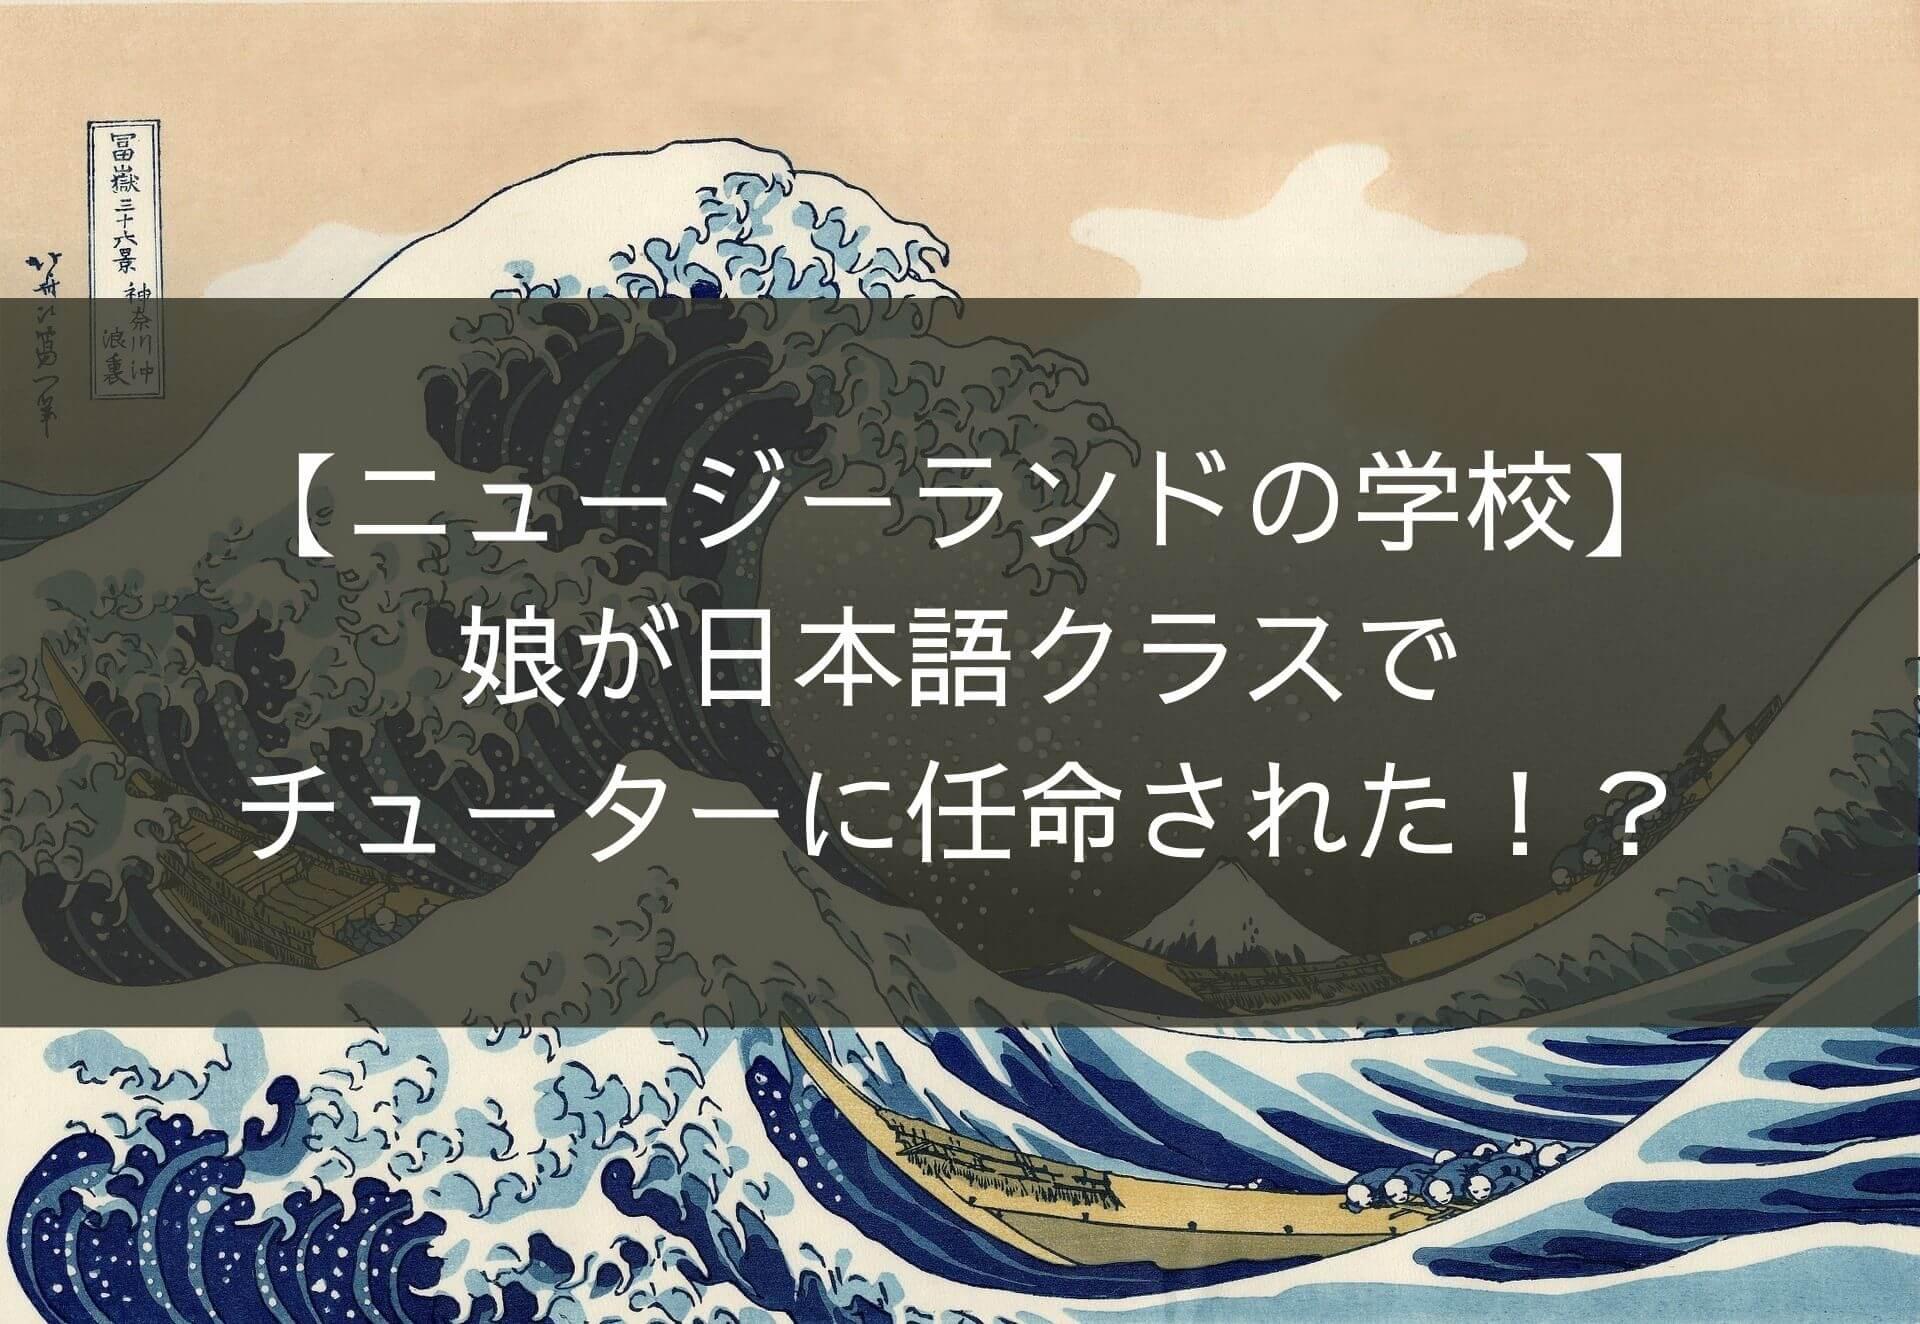 【ニュージーランドの学校】 娘が日本語クラスで チューターに任命された!?